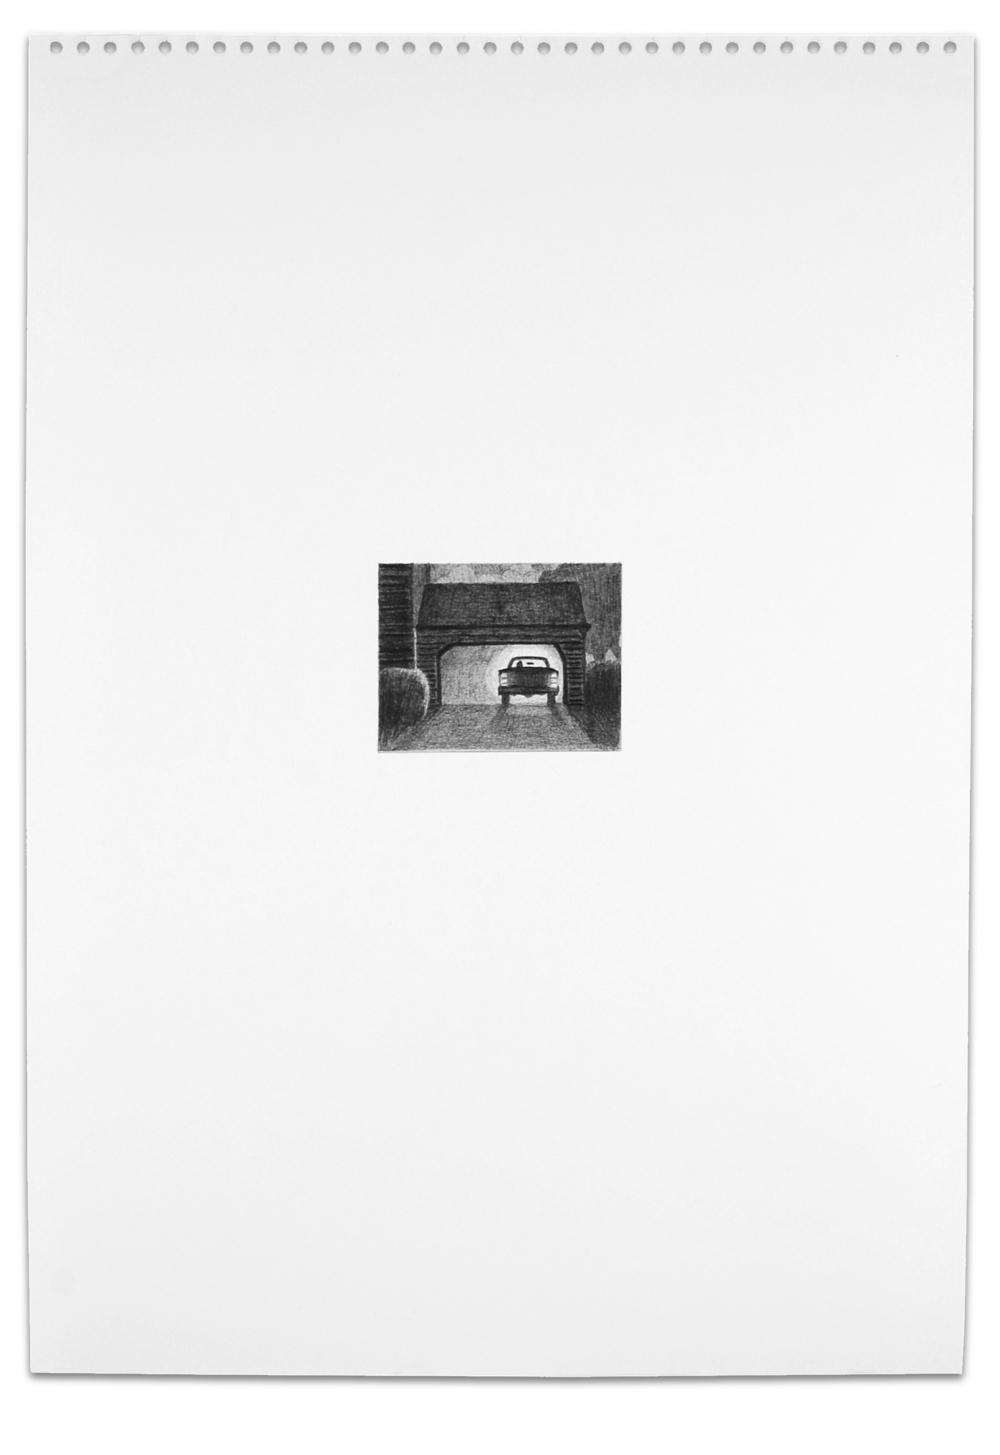 Secret (Garage), Graphite on Paper,16.5x 11.5